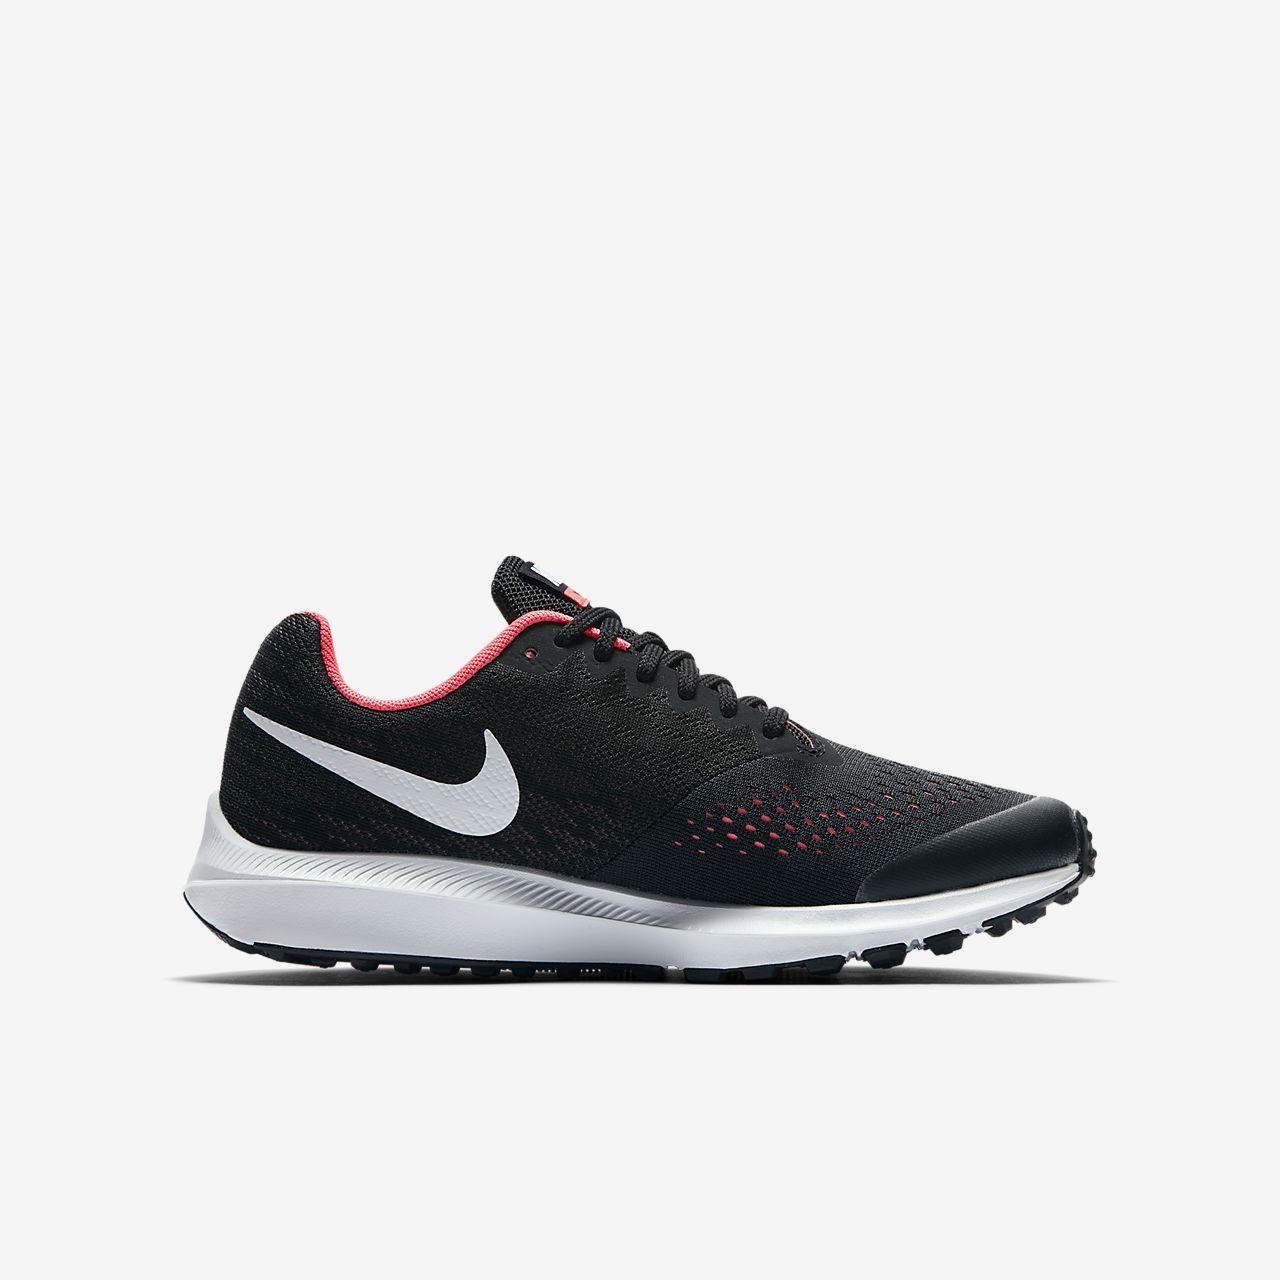 Nike Scarpa Donna Zoom Winflo 4 Black/White Compra El Envío Libre ab4NvVxS